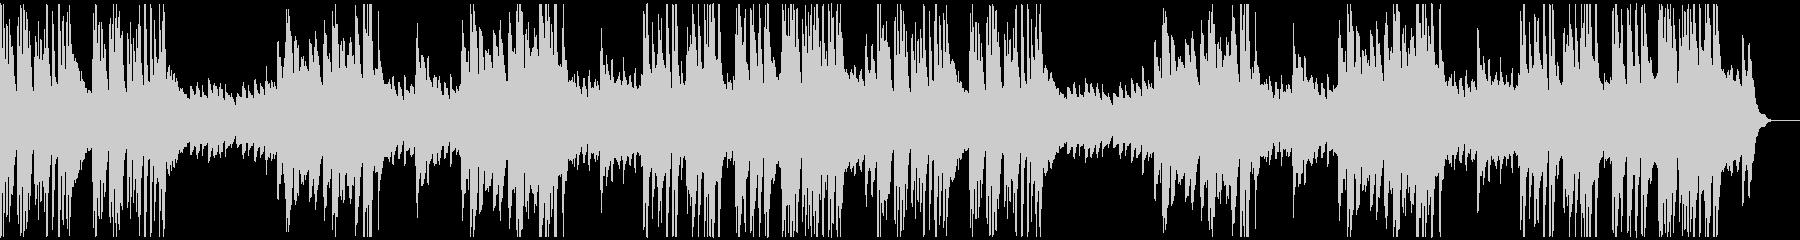 シャープで切ないメロディのソロ・ピアノ曲の未再生の波形